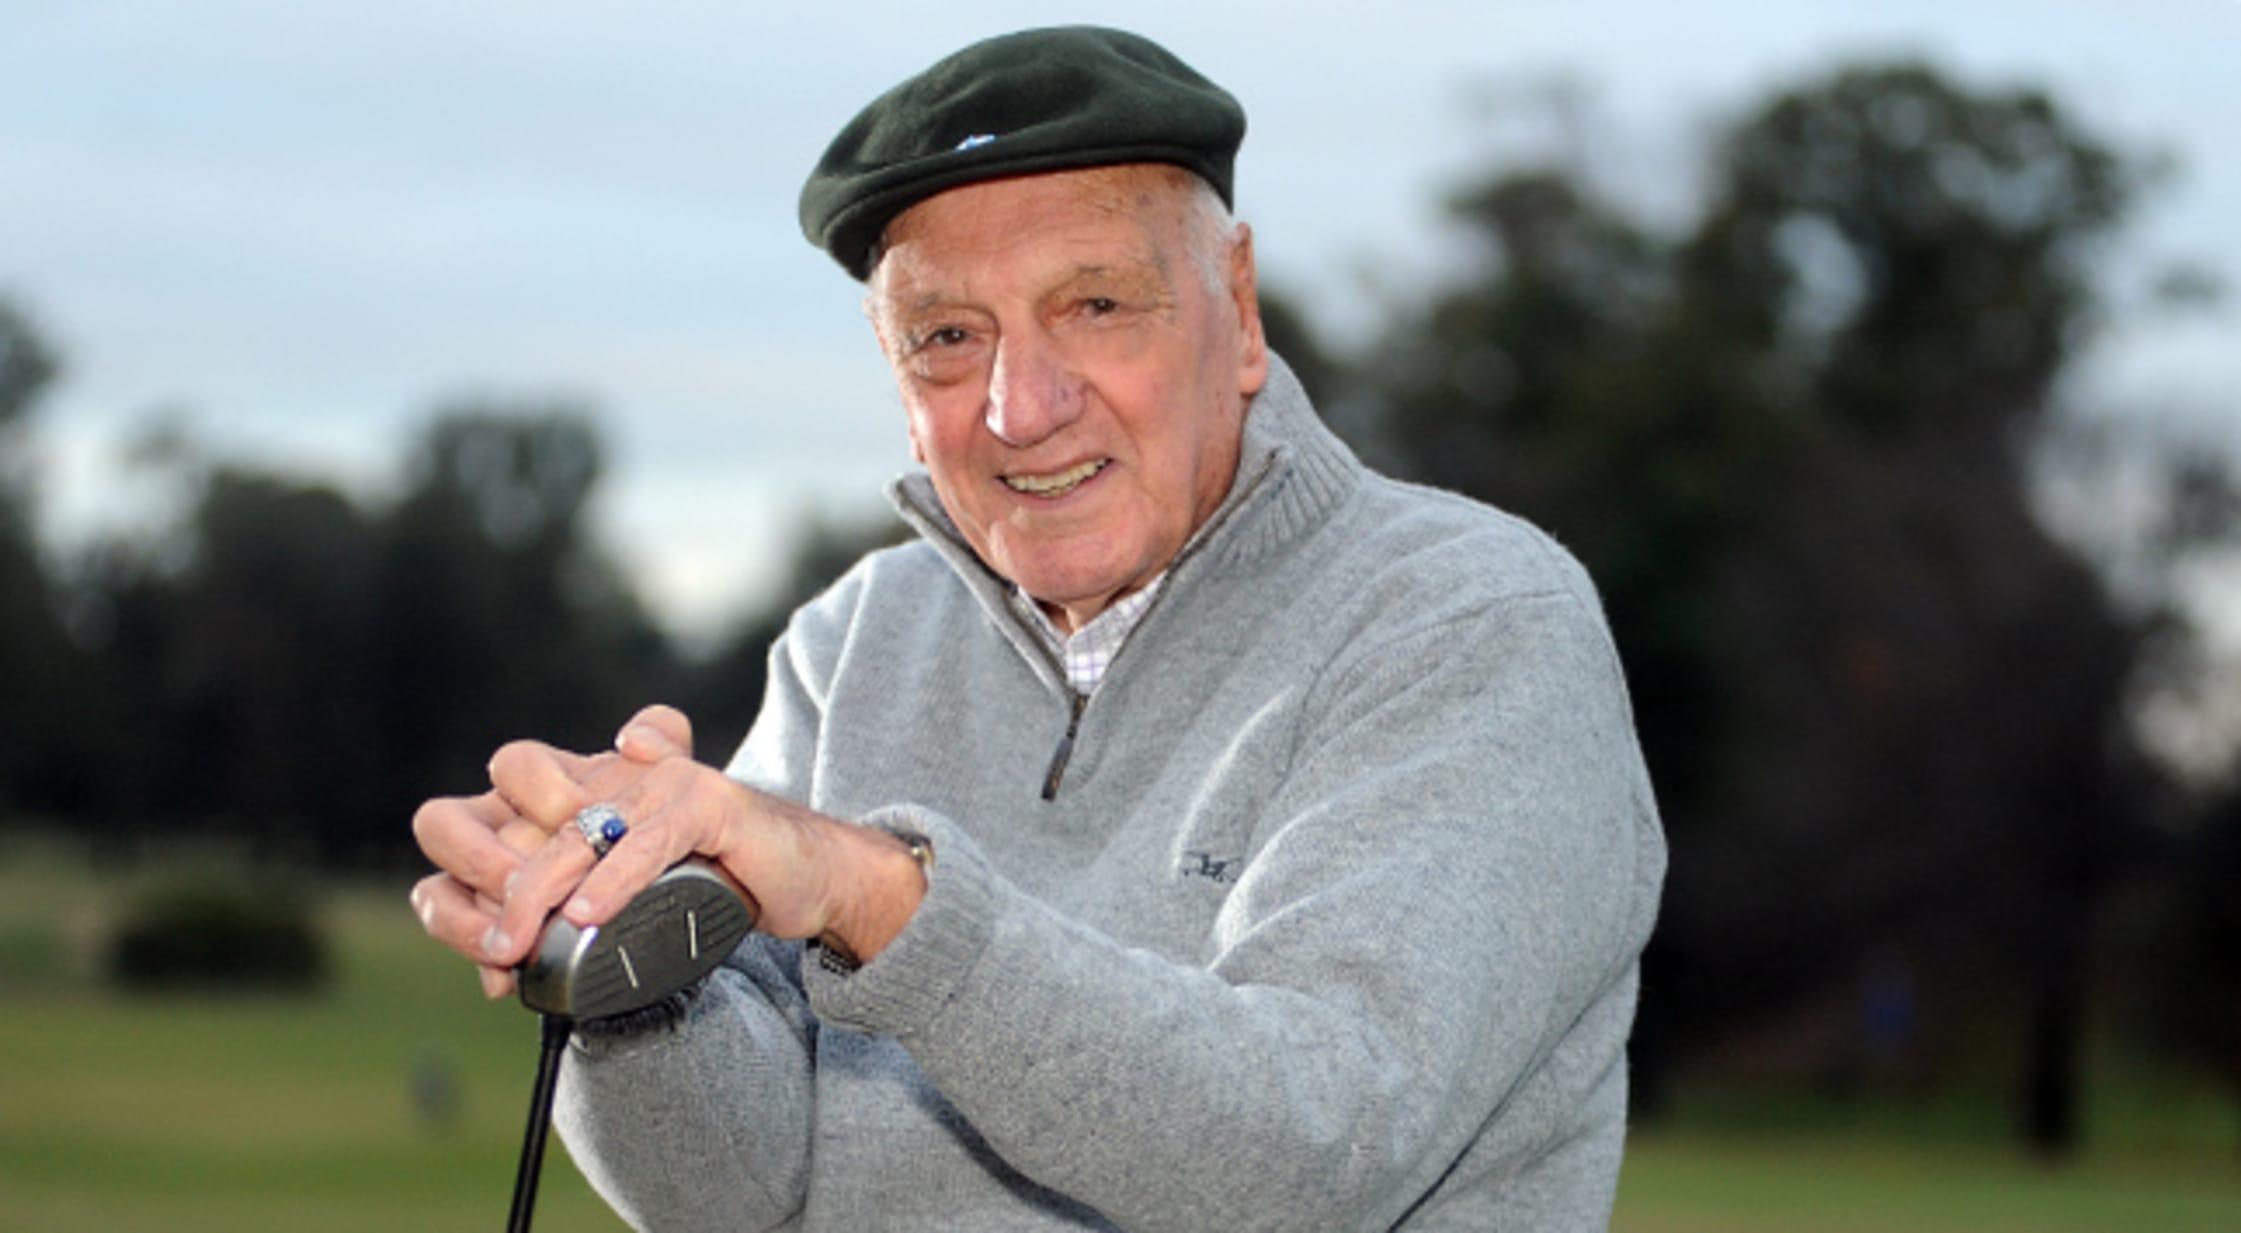 mejor+jugador+de+golf+argentino